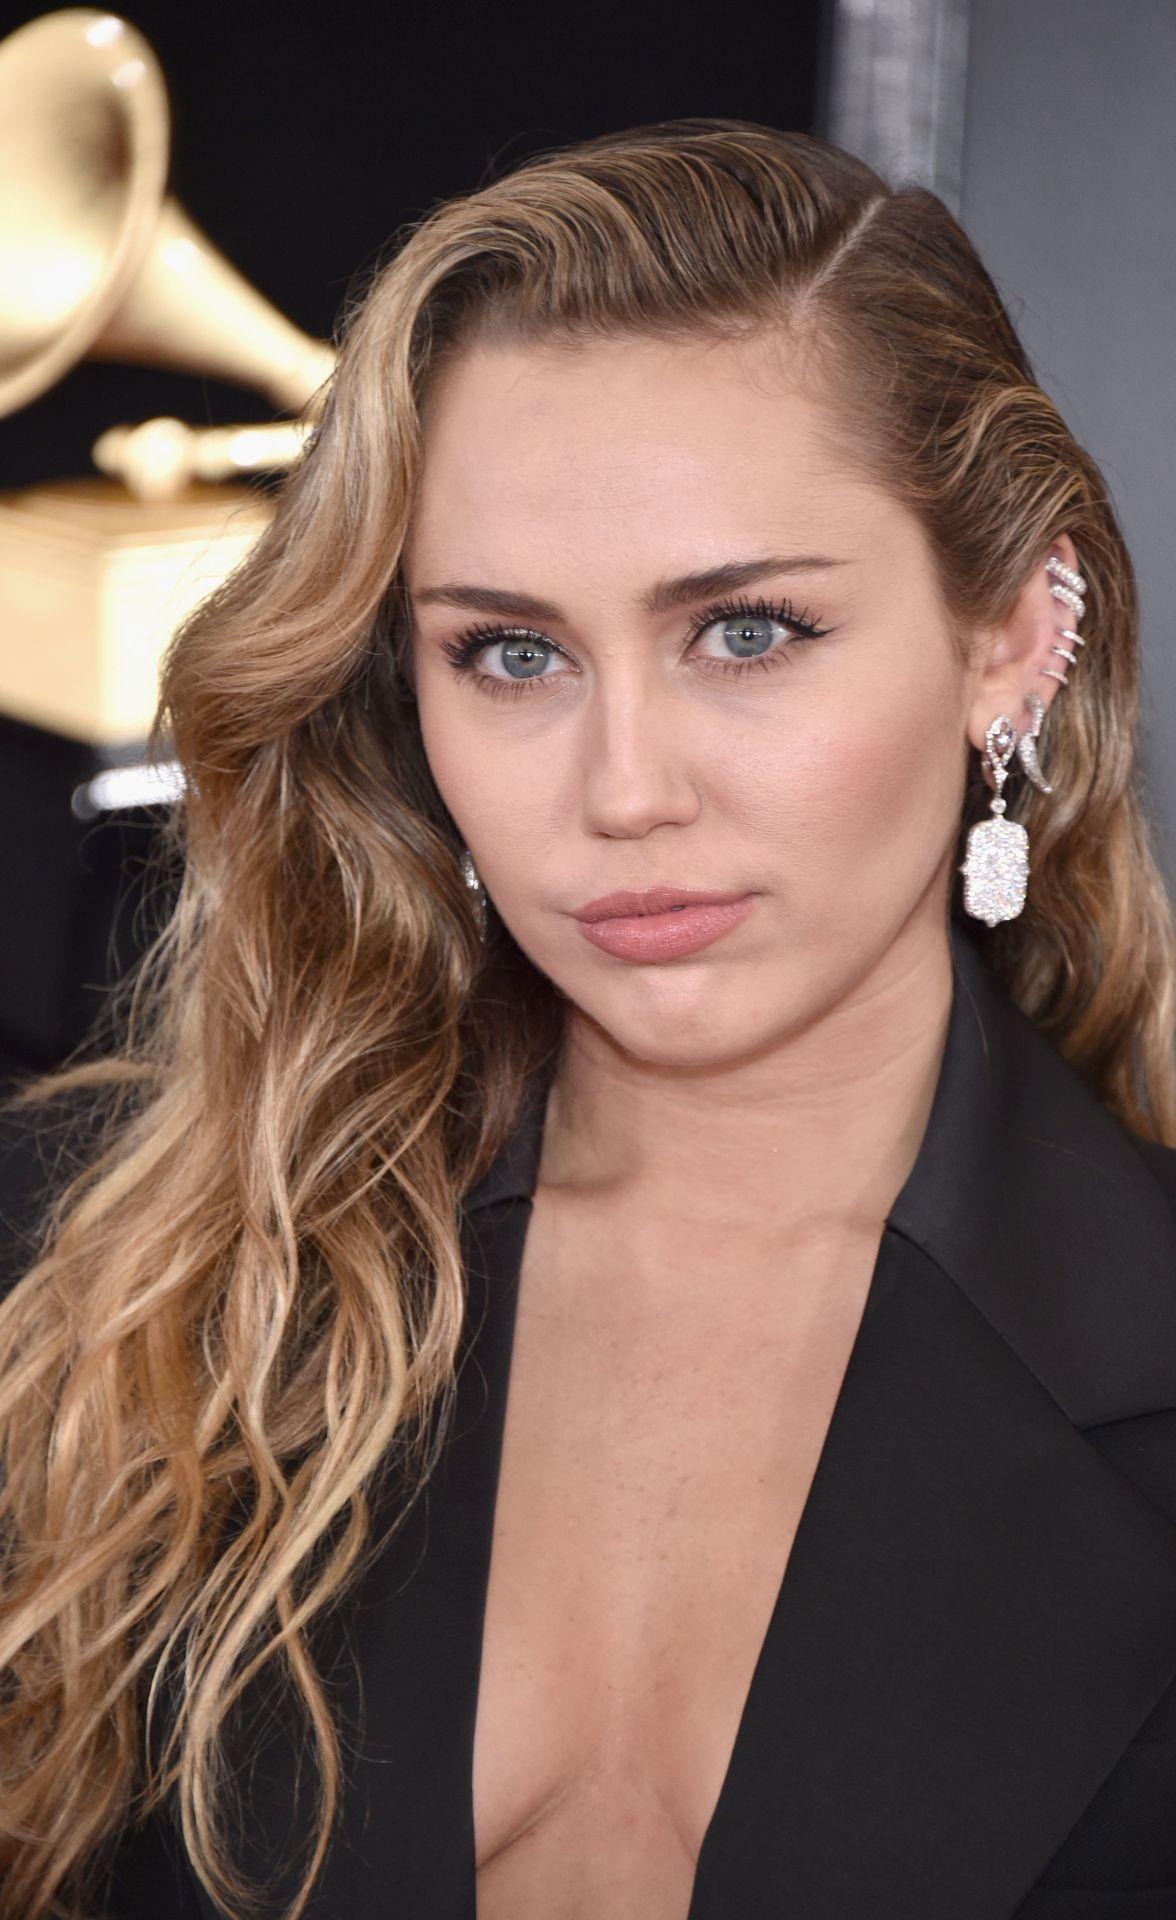 Güzel şarkıcı Miley Cyrus derin göğüs dekolteli sexy siyah kıyafeti ile katıldığı ödül töreninde dikkatleri üzerine çekmeyi başarı, İşte o cesur pozlar.